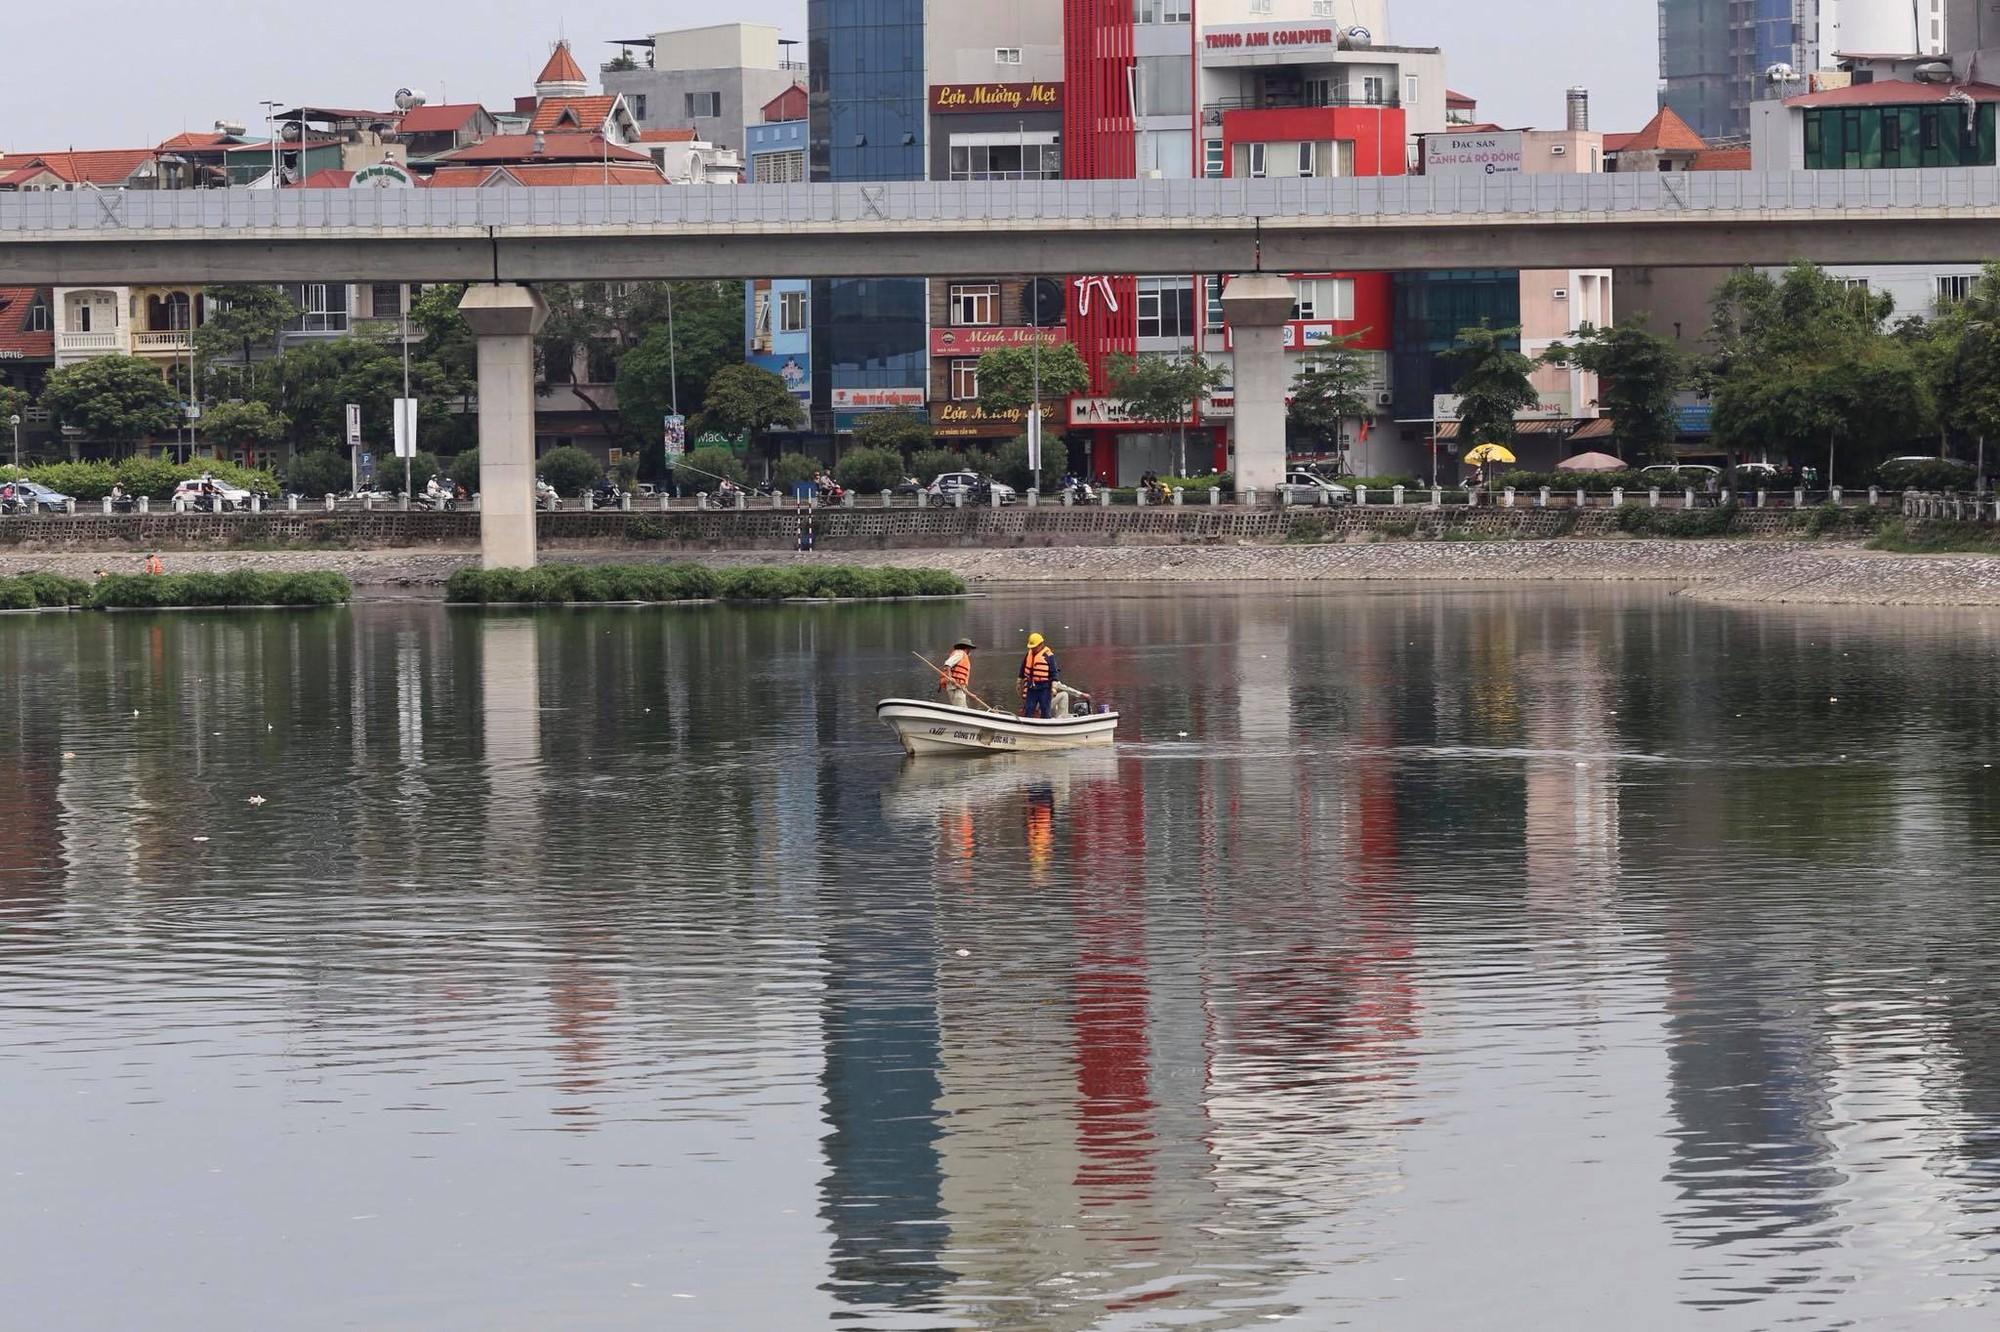 Hà Nội: Cá lại tiếp tục chết, bốc mùi hôi thối ở hồ Hoàng Cầu 5